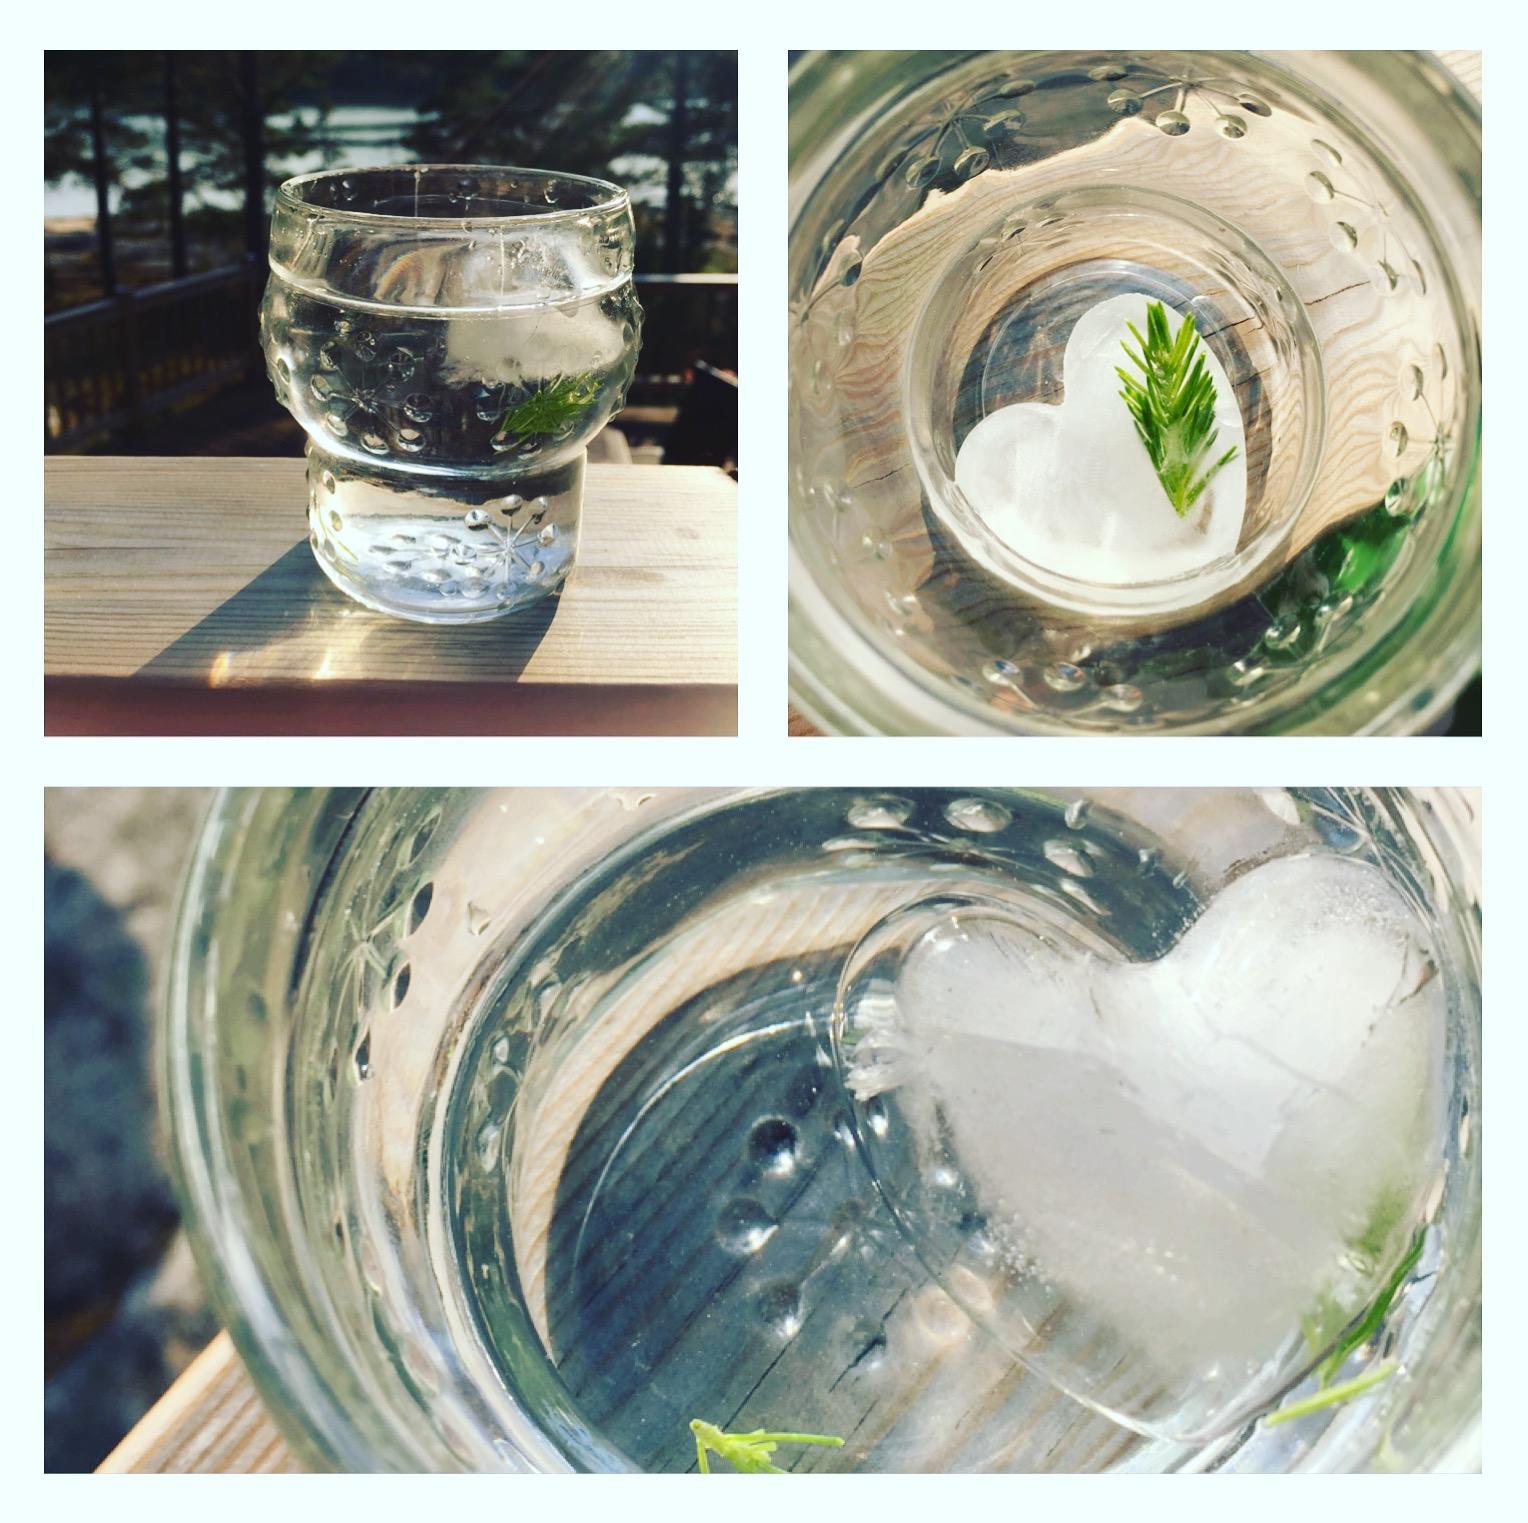 Ensimmäiseksi aamulla kannattaa juoda 2 lasia vettä rauhallisesti, että suolisto pääsee rauhassa heräämään ja prosessoimaan aamupalaa.